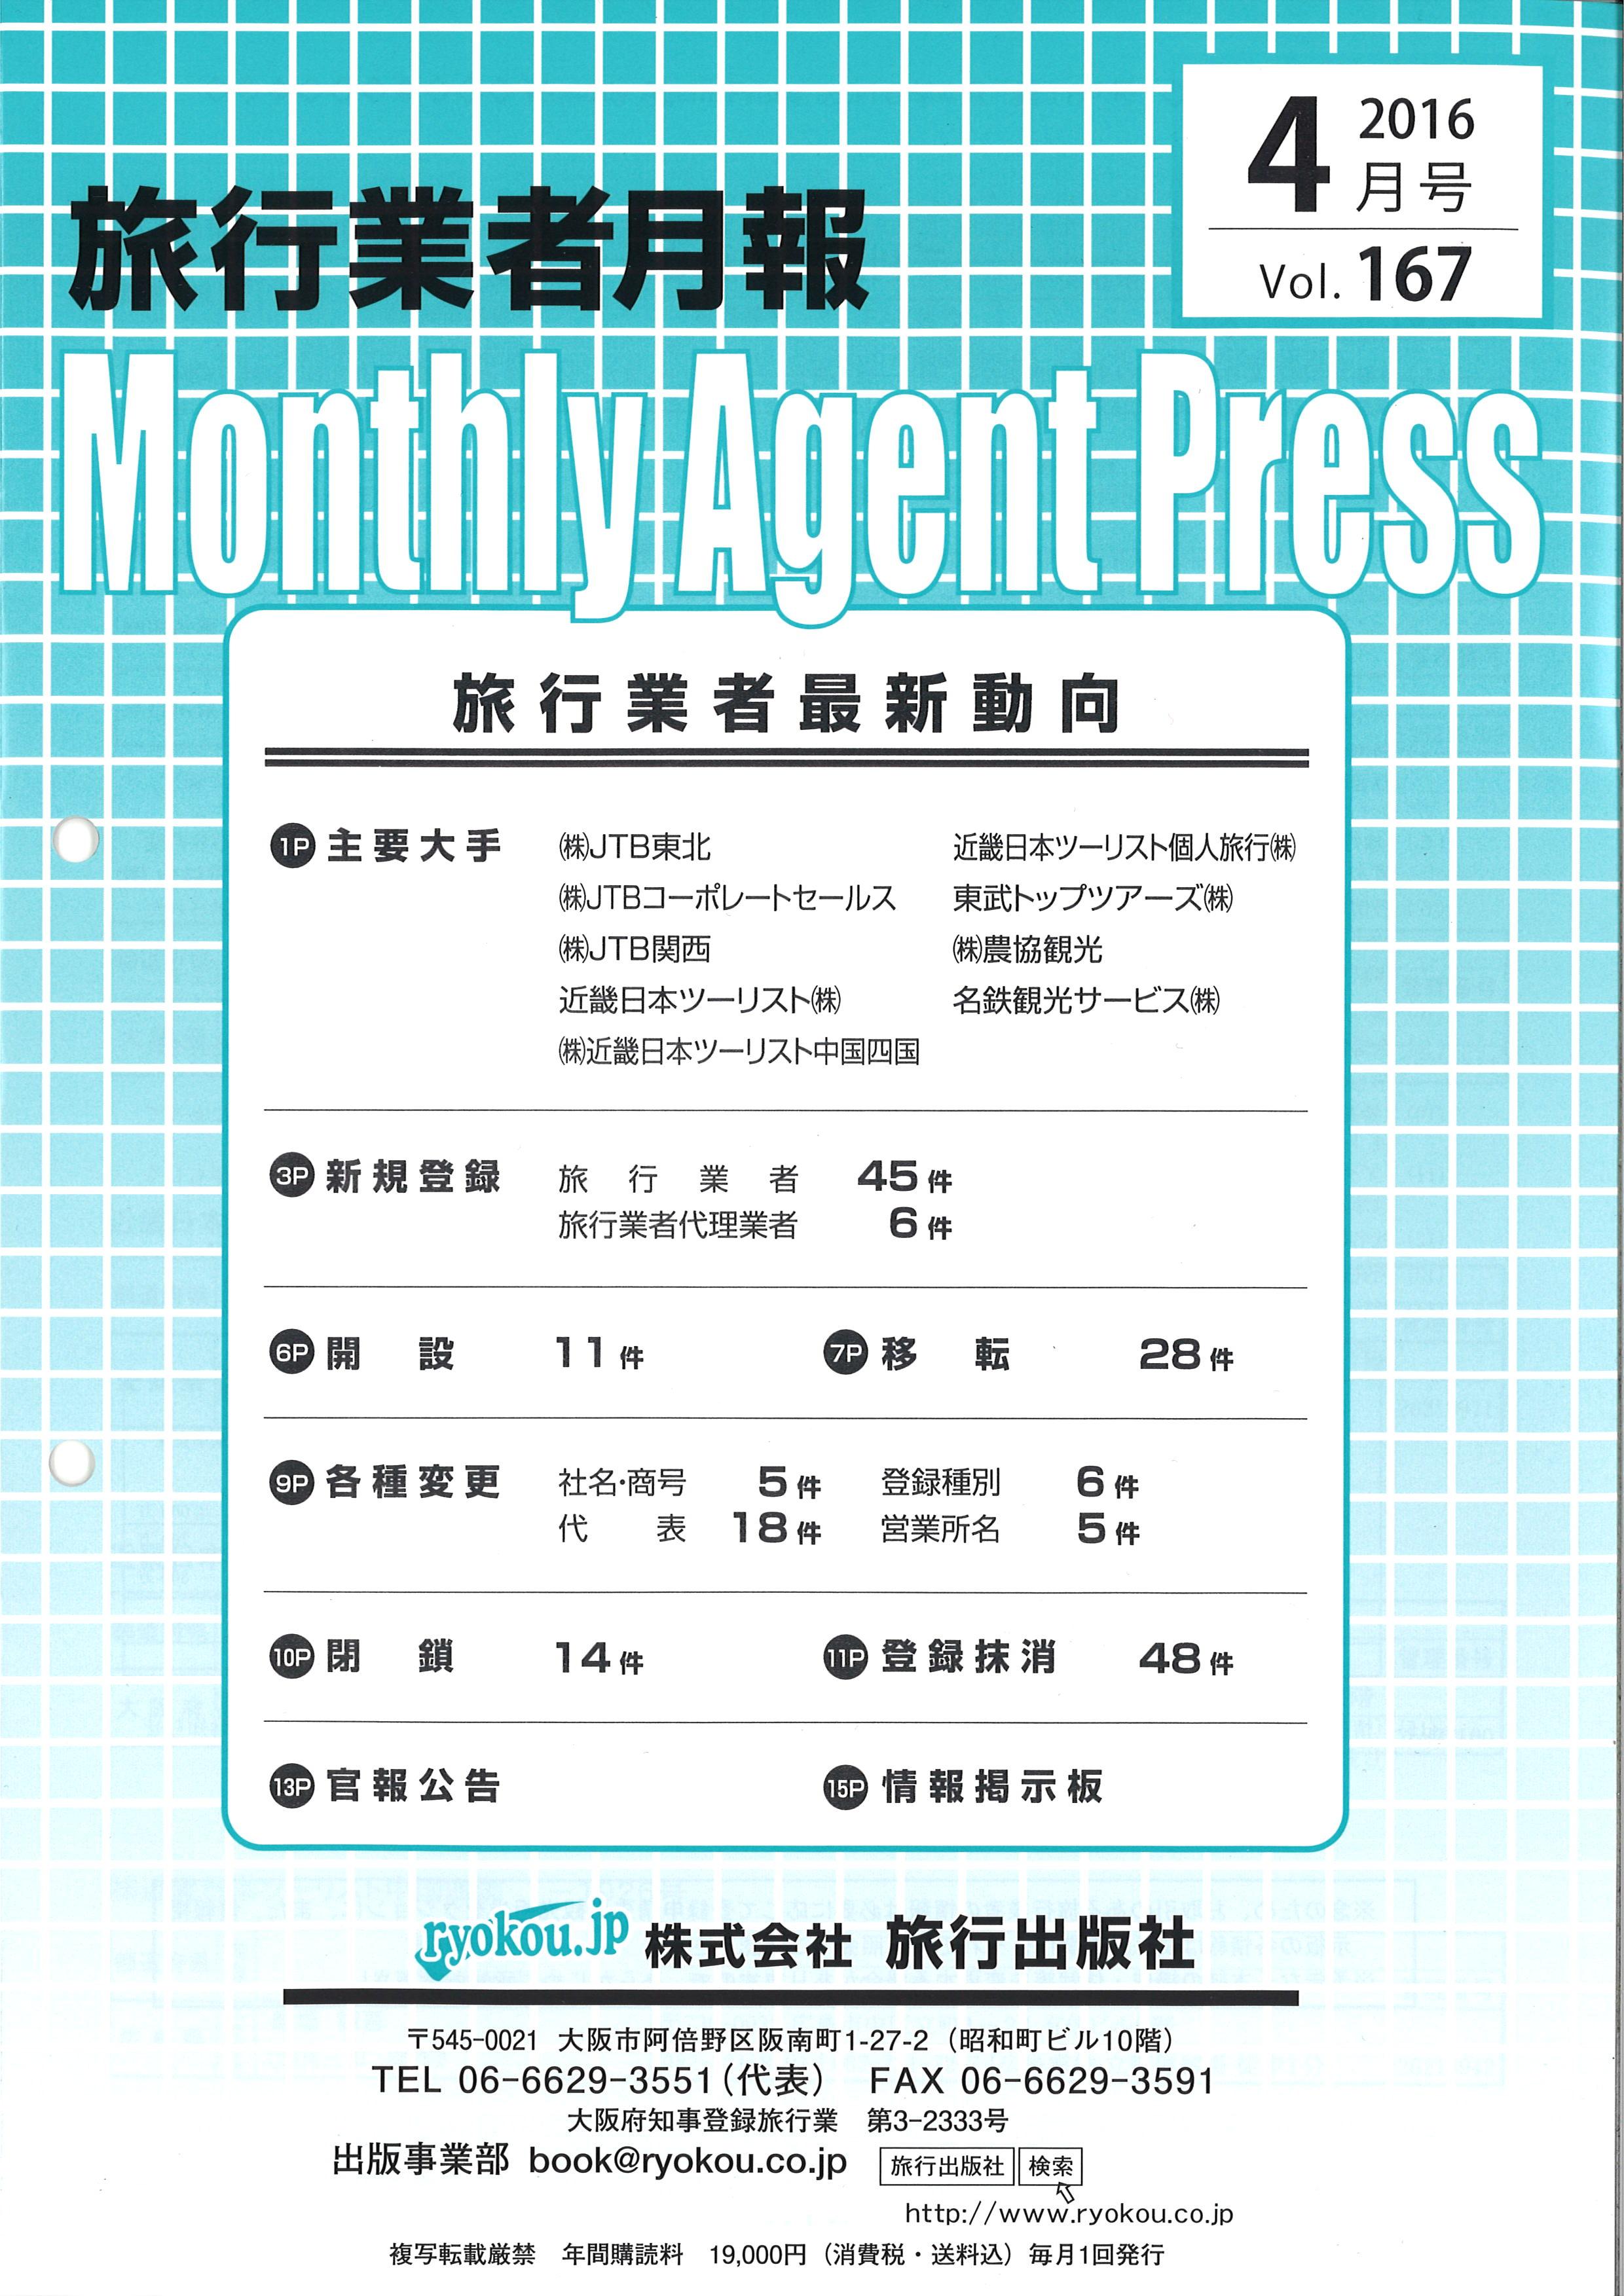 旅行業者月報 毎月1日発行